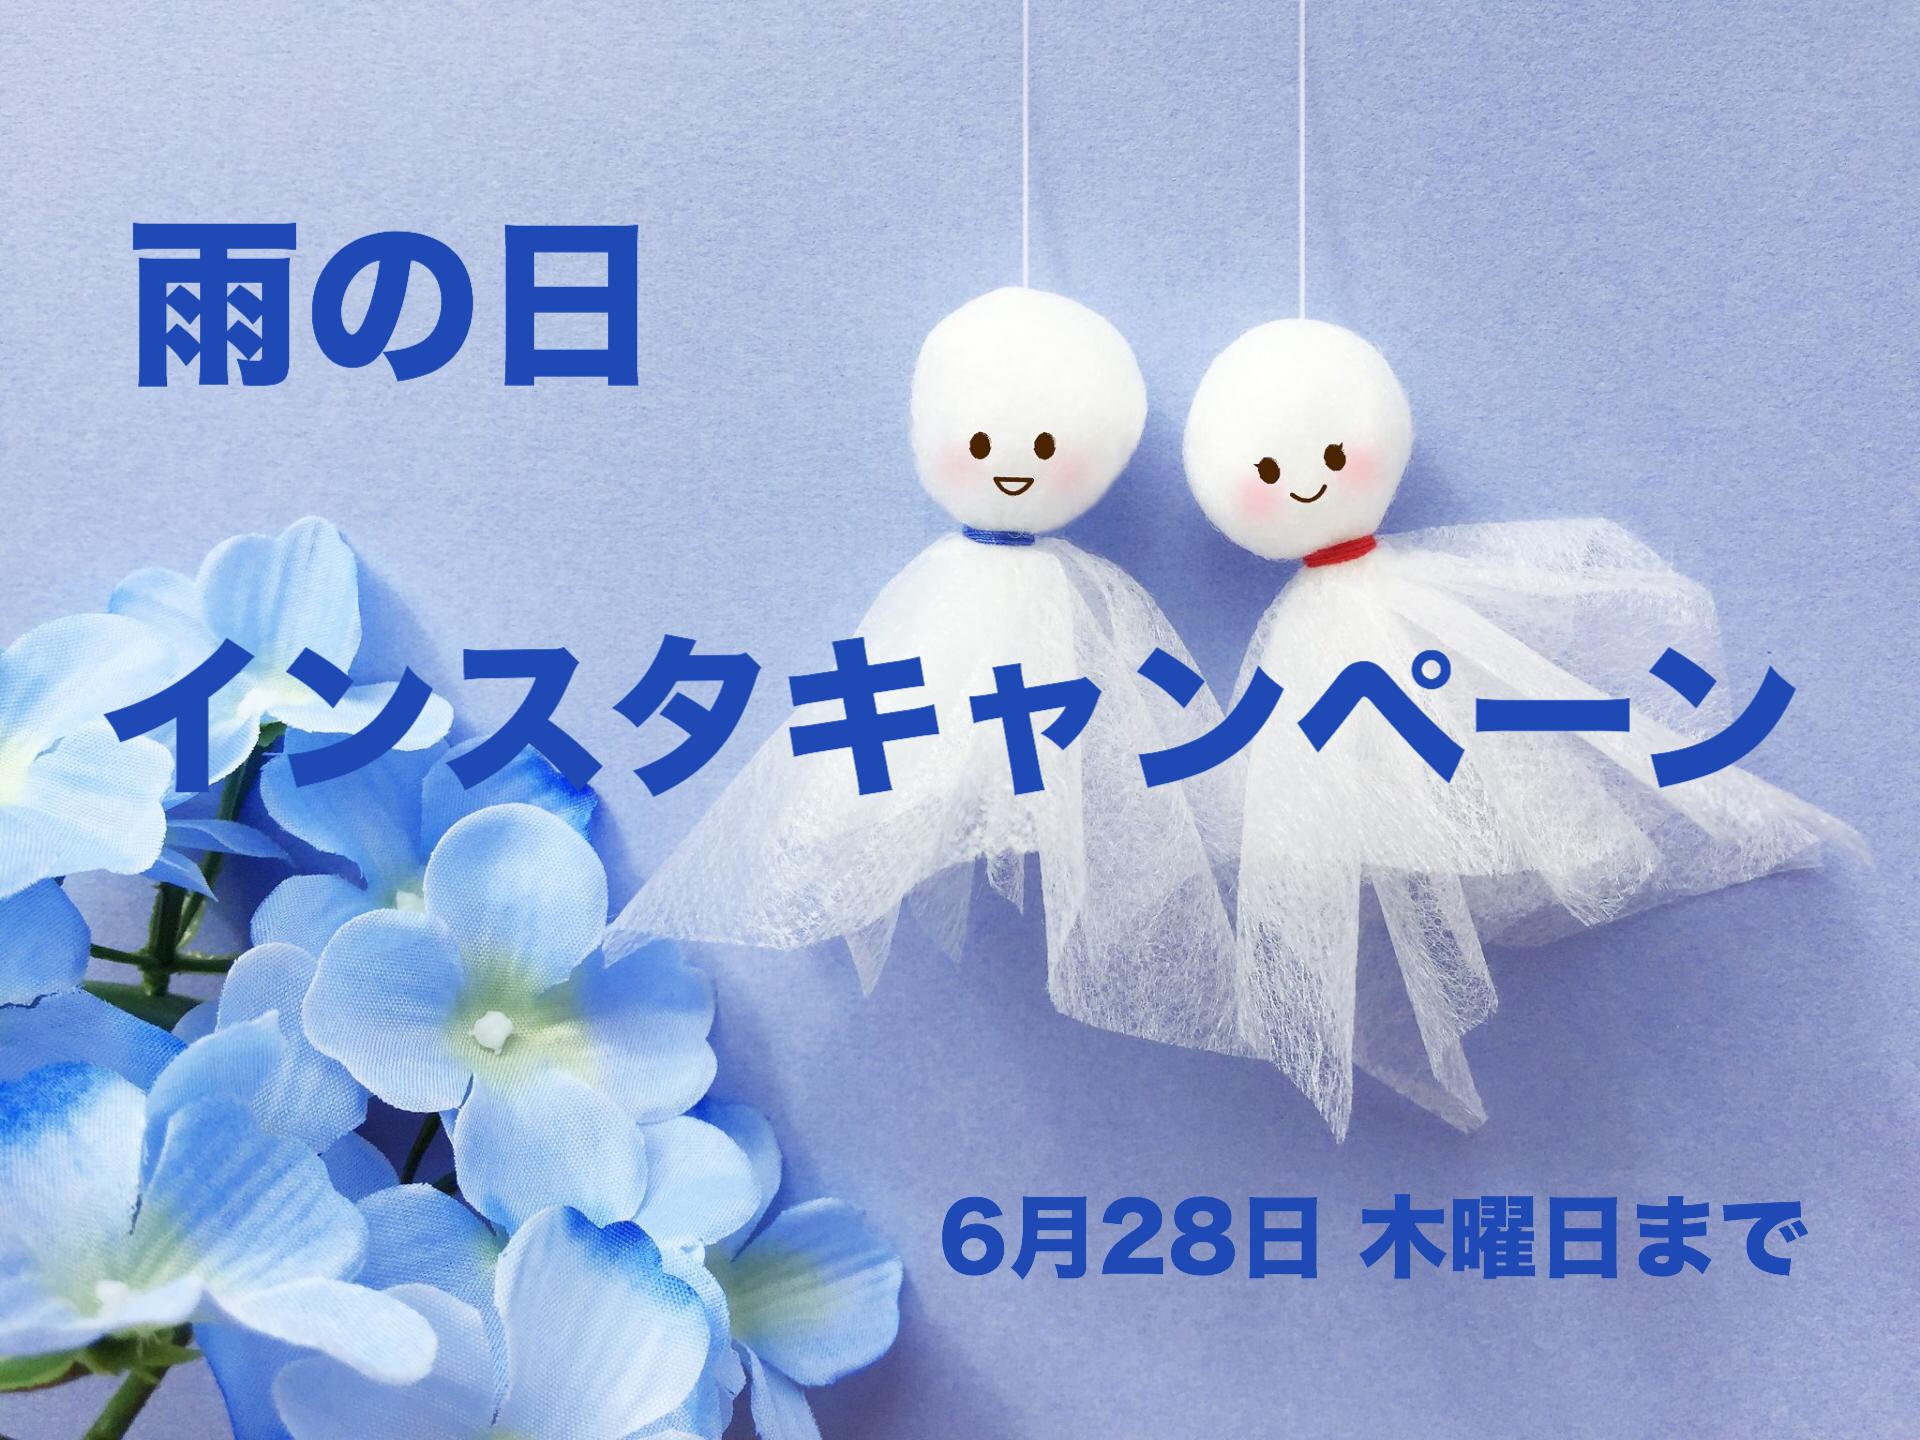 阪急ハロードッグ3店合同企画 「雨の日インスタキャンペーン」